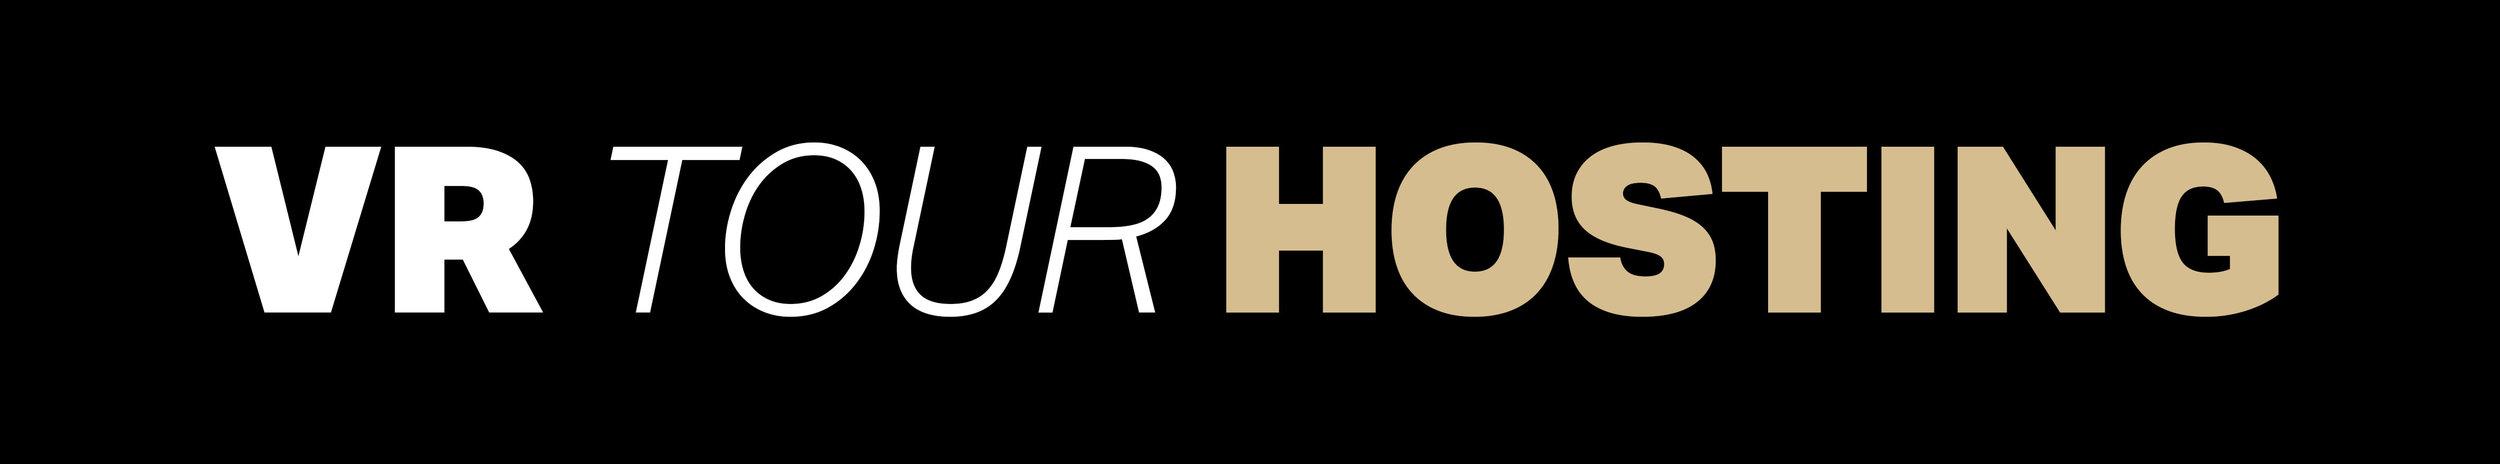 VR Tour Hosting.jpg